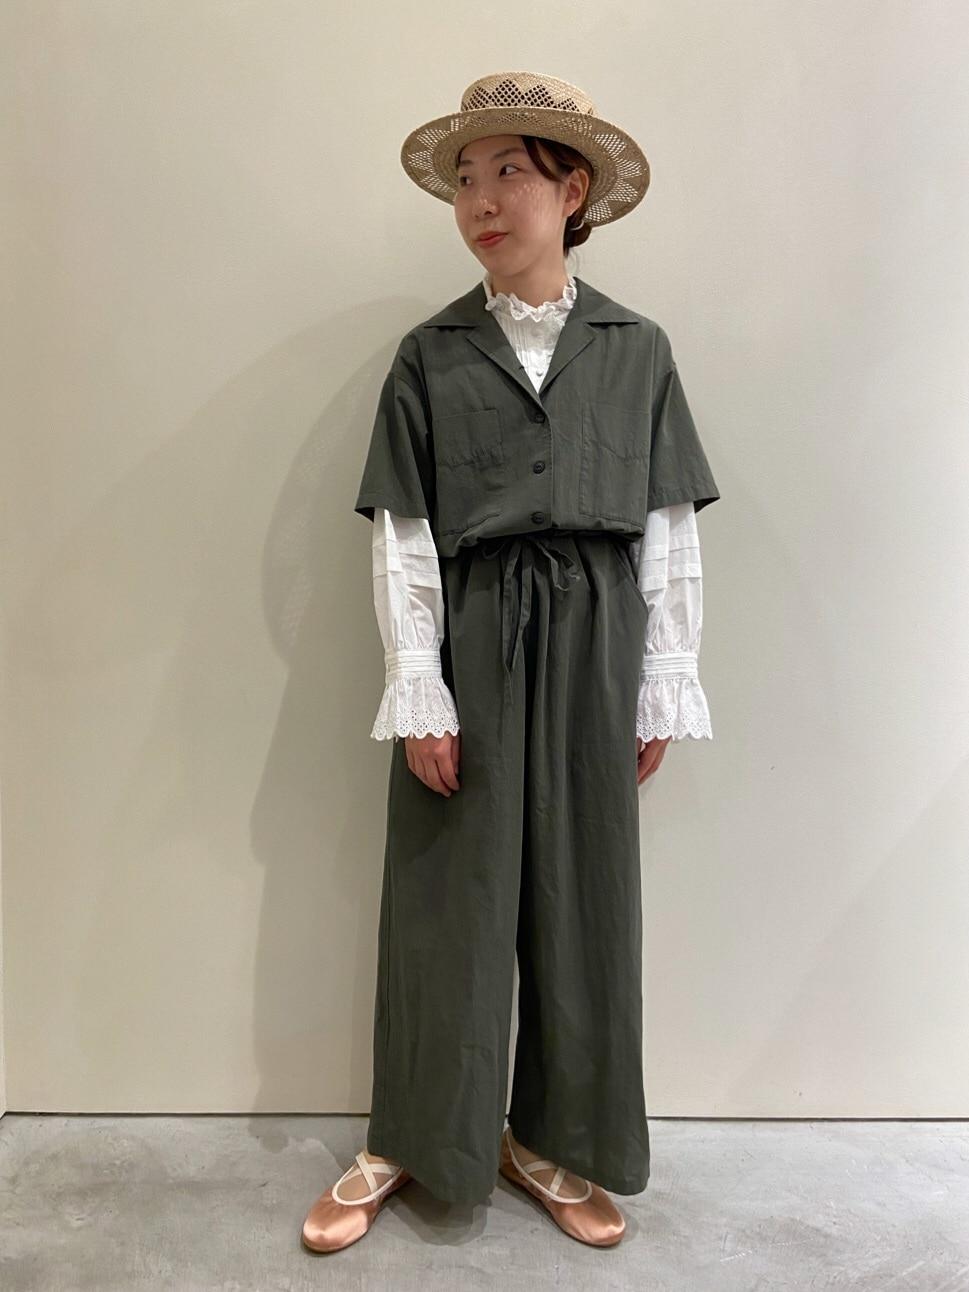 CHILD WOMAN , PAR ICI 新宿ミロード 2021.05.11